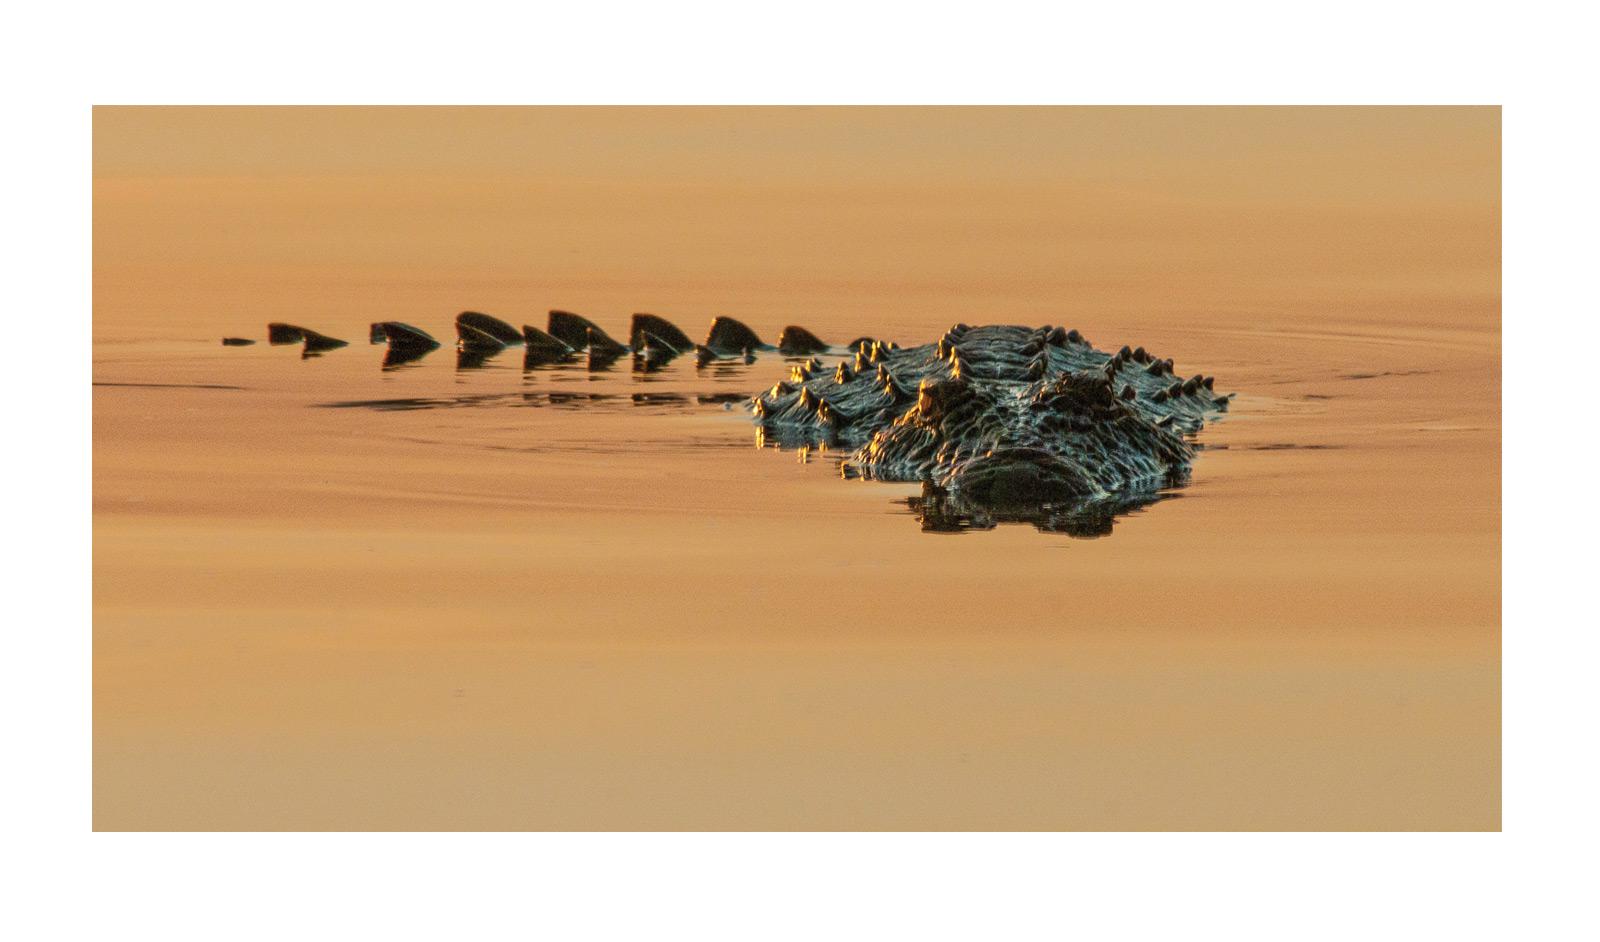 Ronald-Glazier-Zambezi-River-Crocodile-(1-of-1)